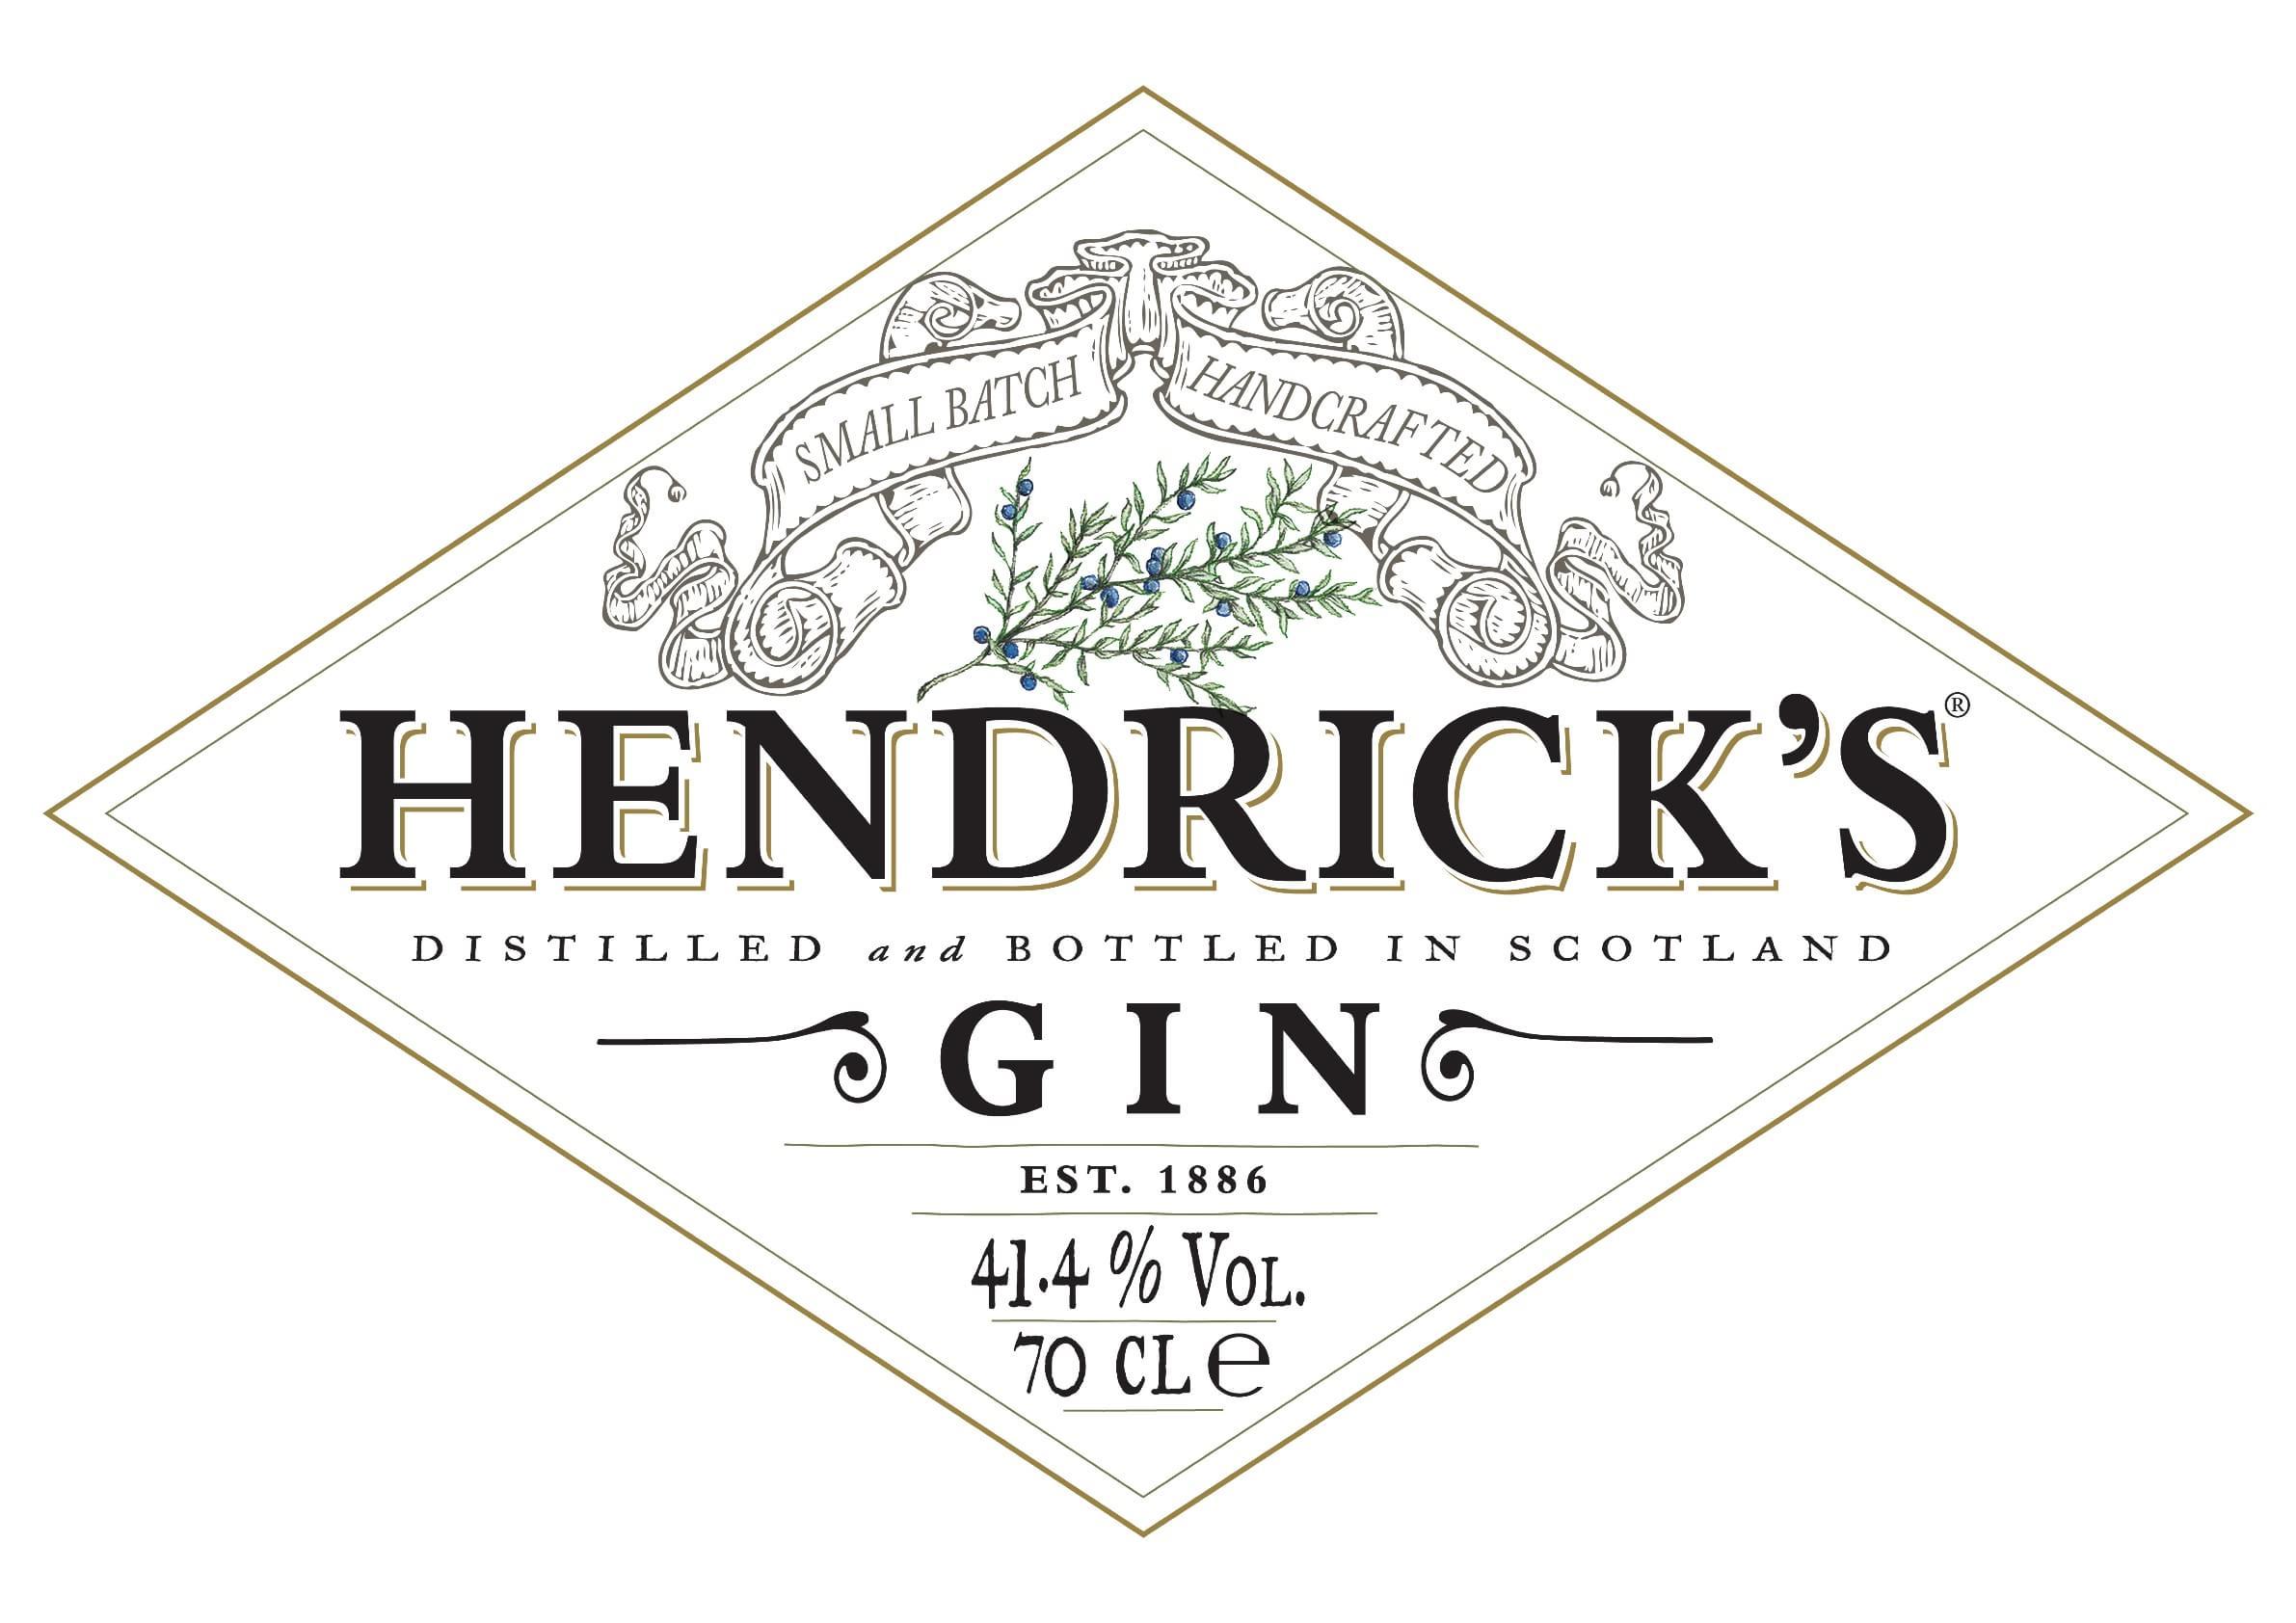 hendricks-logo-min.jpg